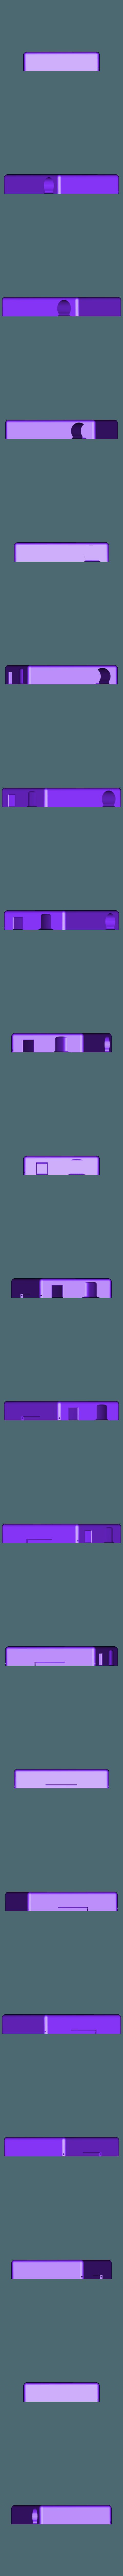 newnewbox.STL Télécharger fichier STL gratuit cas de glucomètre • Objet pour imprimante 3D, rubenzilzer